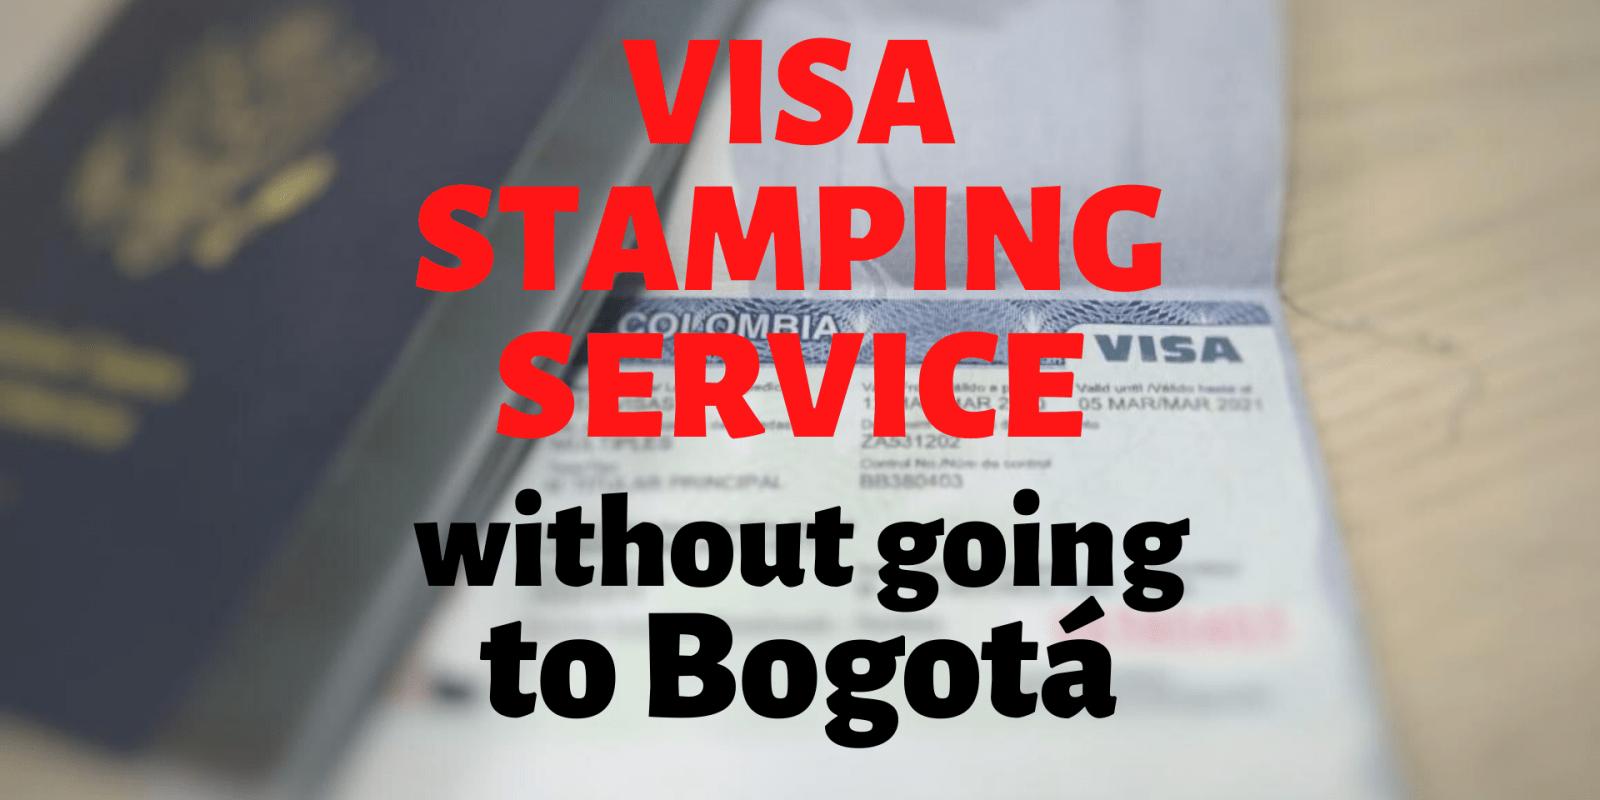 Visa Stamping Service